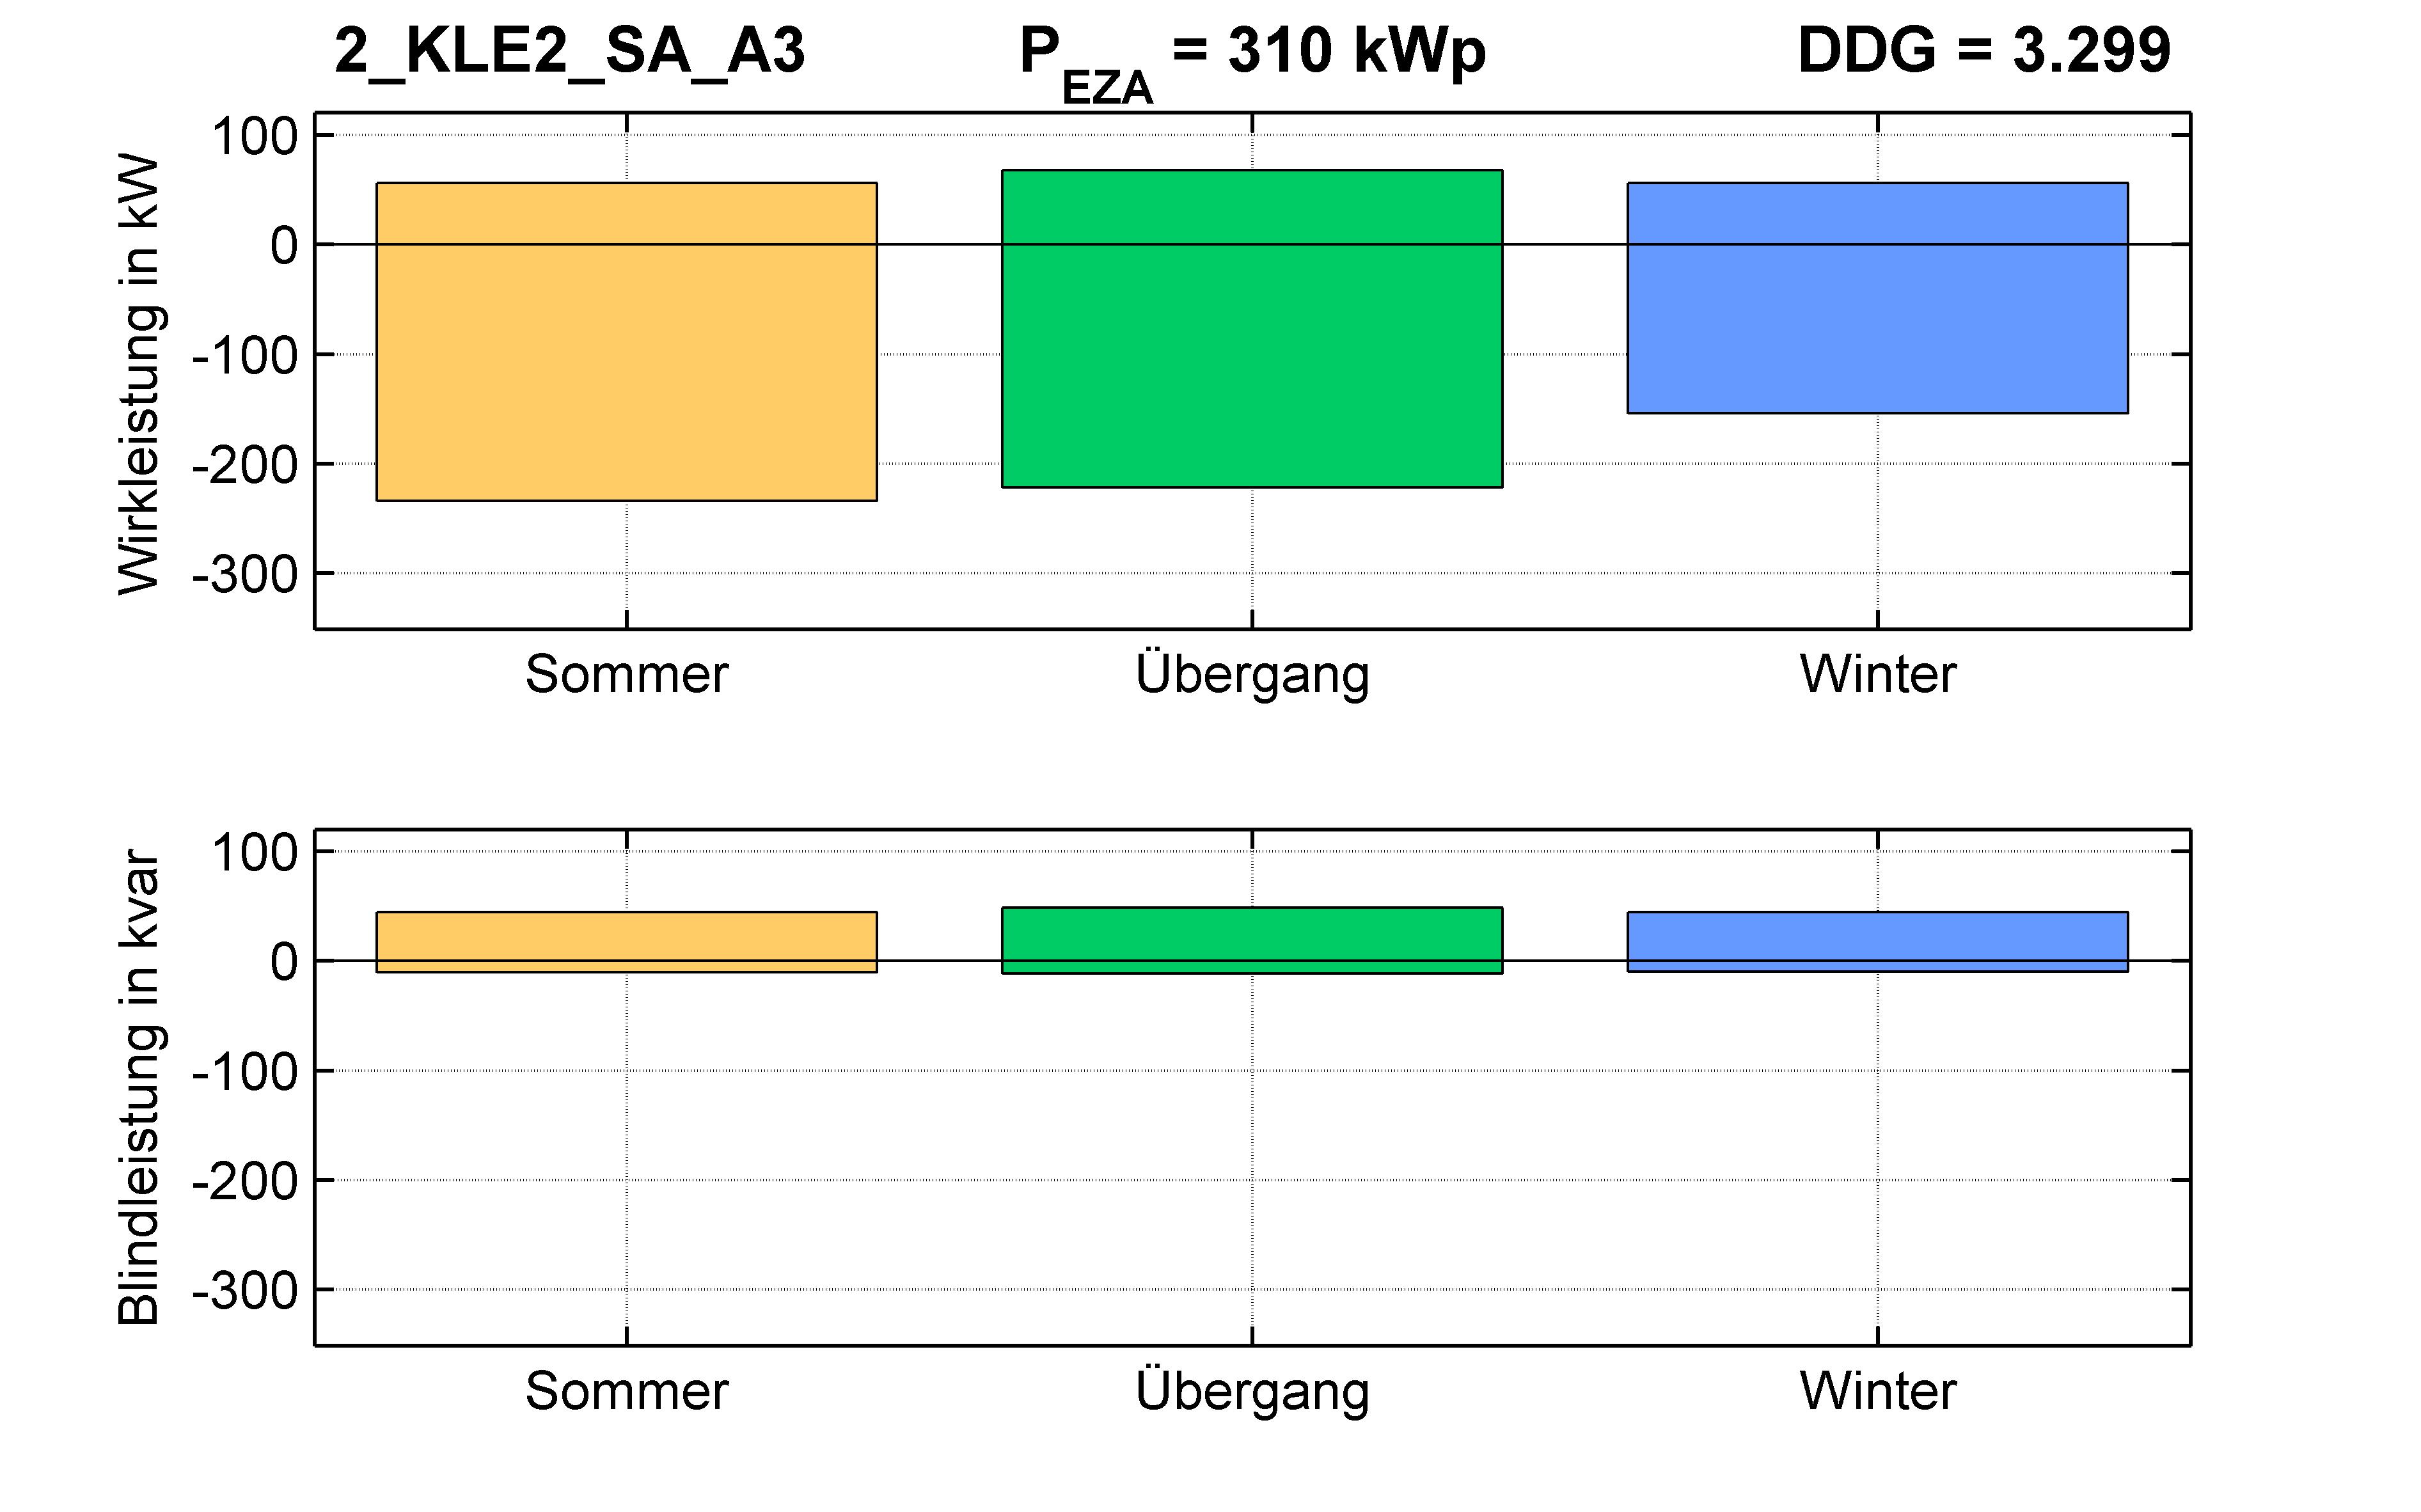 KLE2 | P-Kappung 85% (SA) A3 | PQ-Bilanz